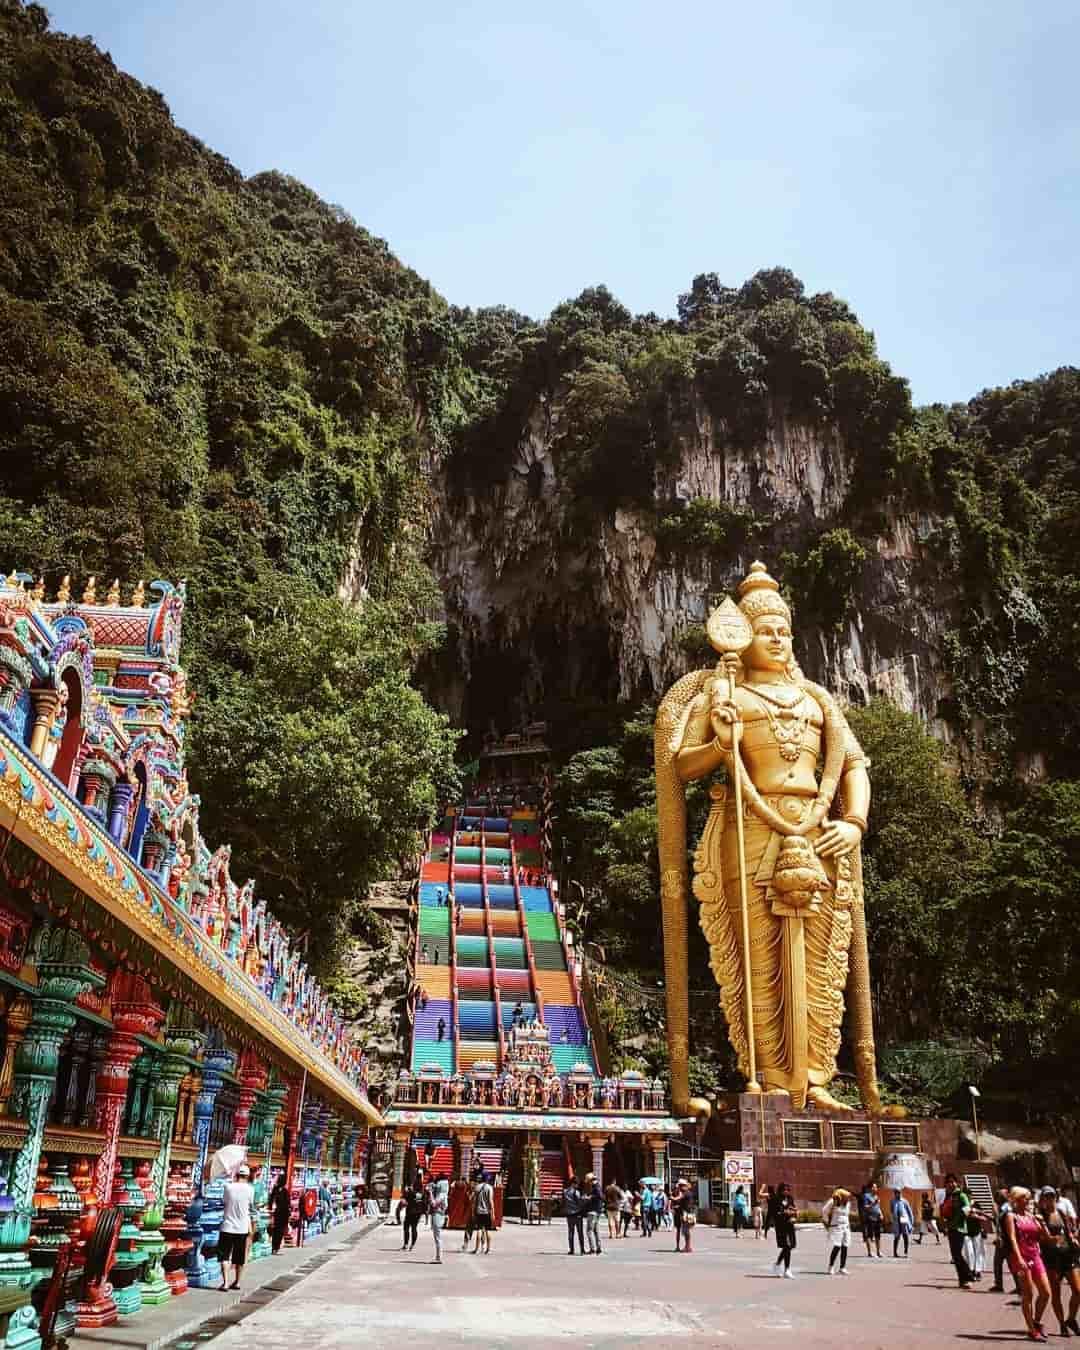 Tempat Wisata Favorit di Malaysia